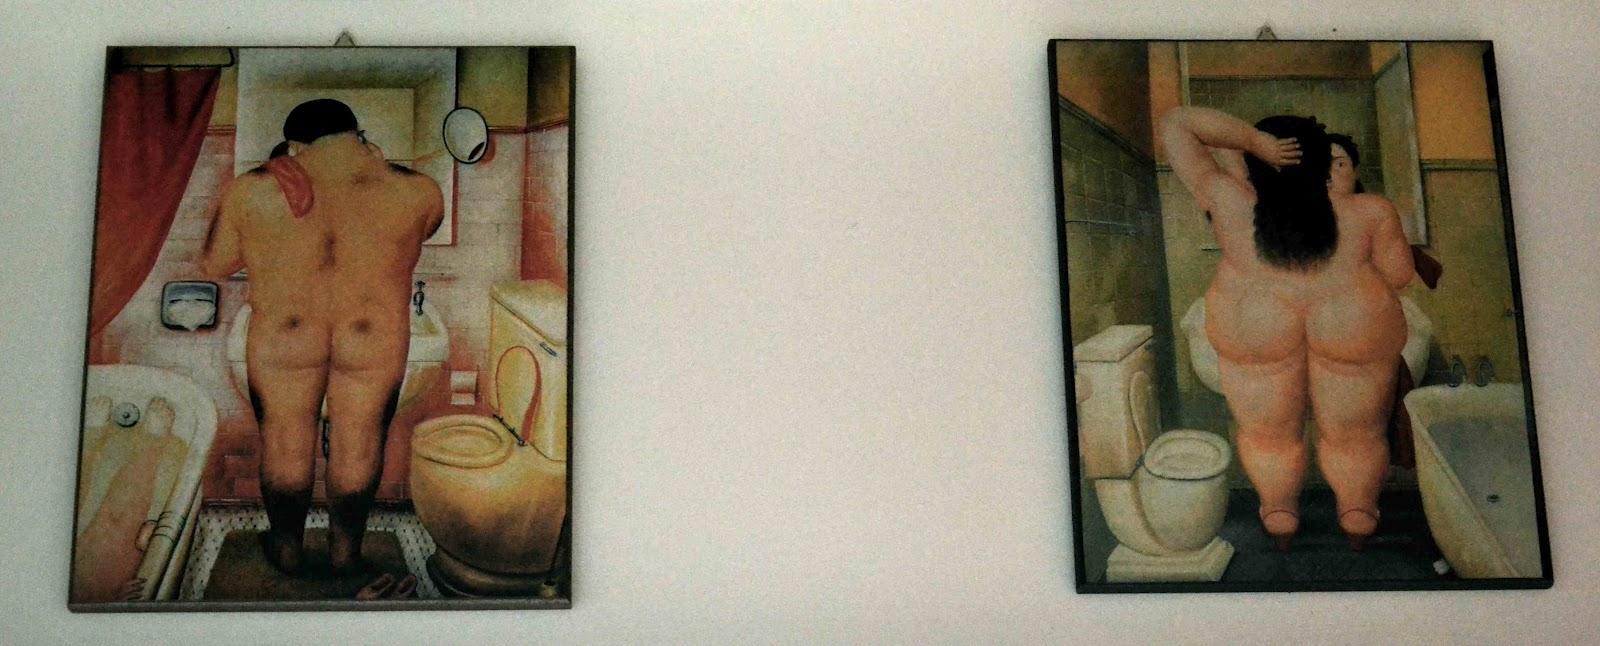 La civetta chiacchierina passione di carta un falso per una cornice d 39 autore - Botero uomo in bagno ...